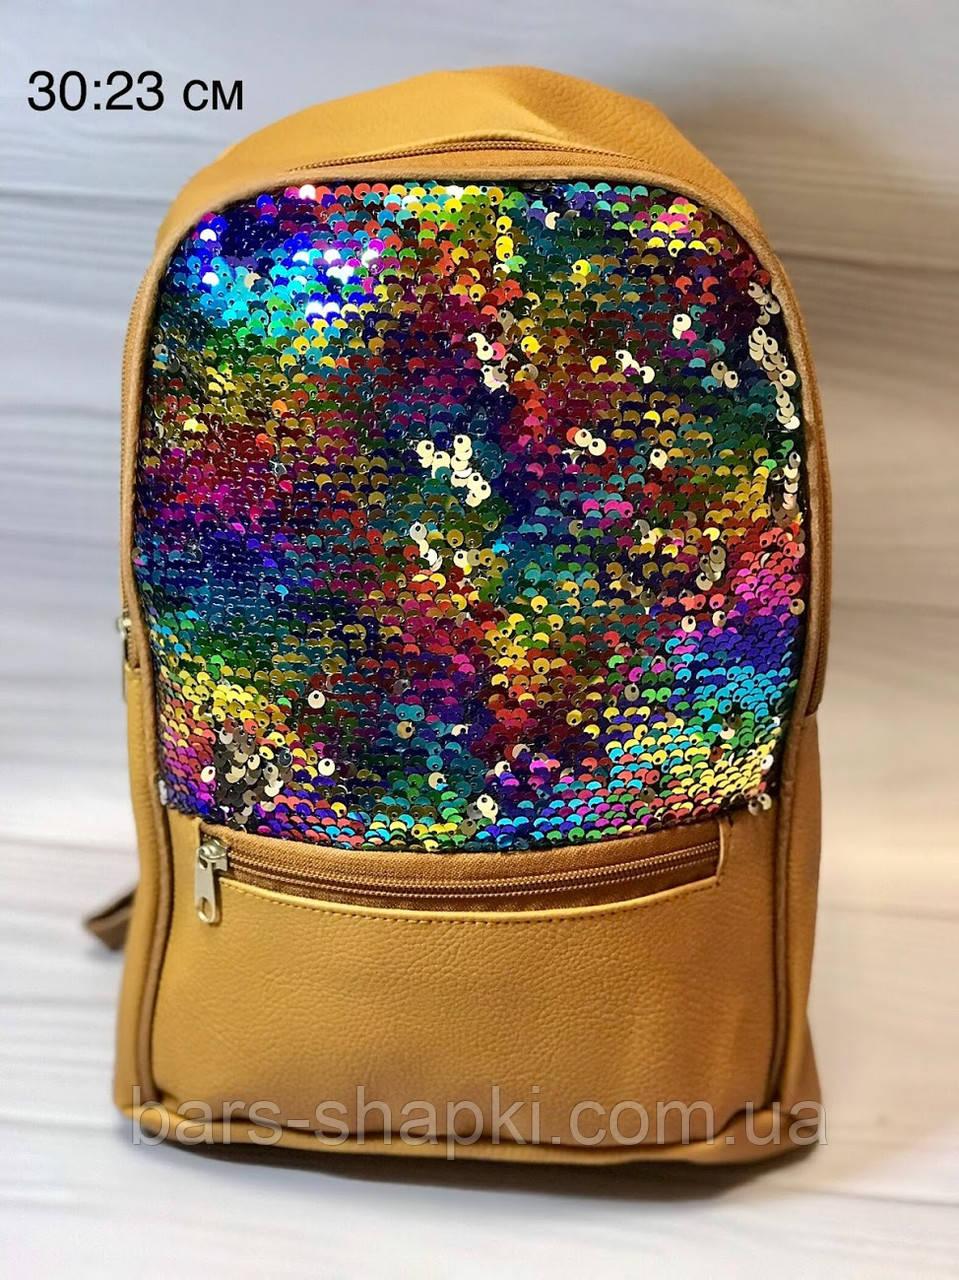 Школьный большой рюкзак с паетками перевертышами . Радужные паетки.